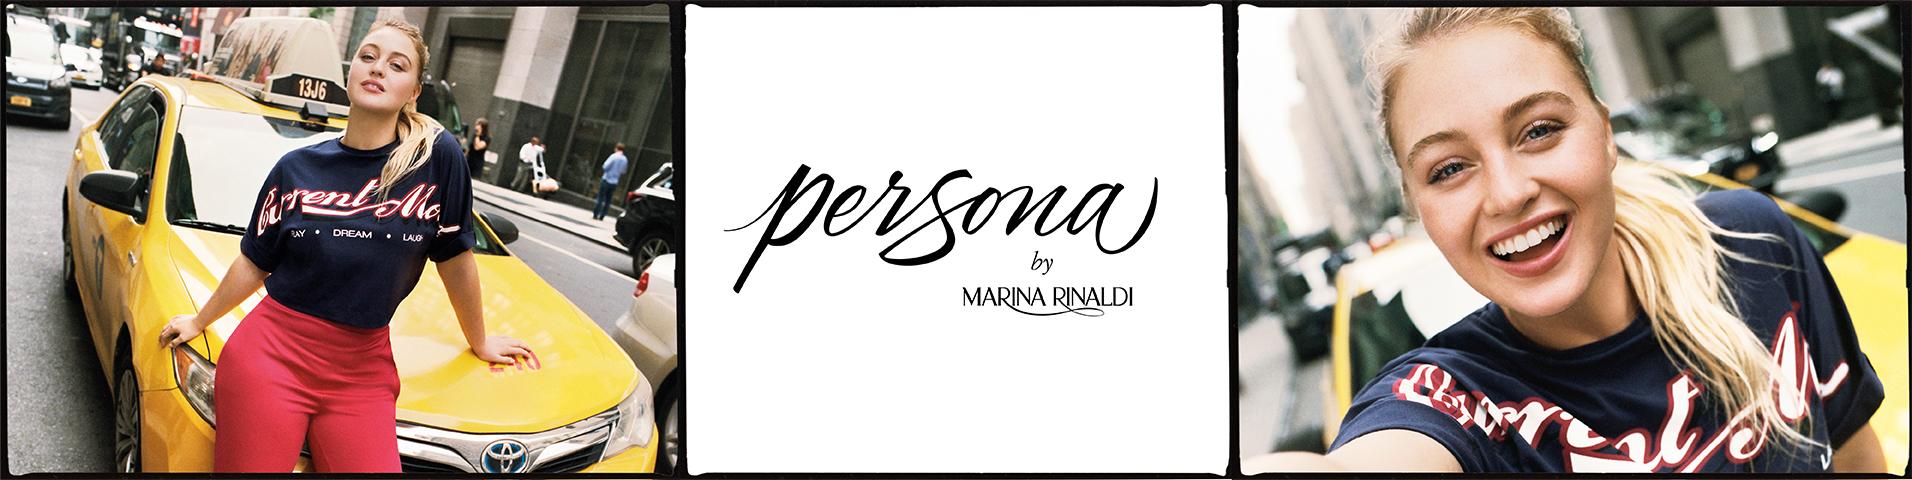 Catalogue from Persona by Marina Rinaldi 545a4074bb1